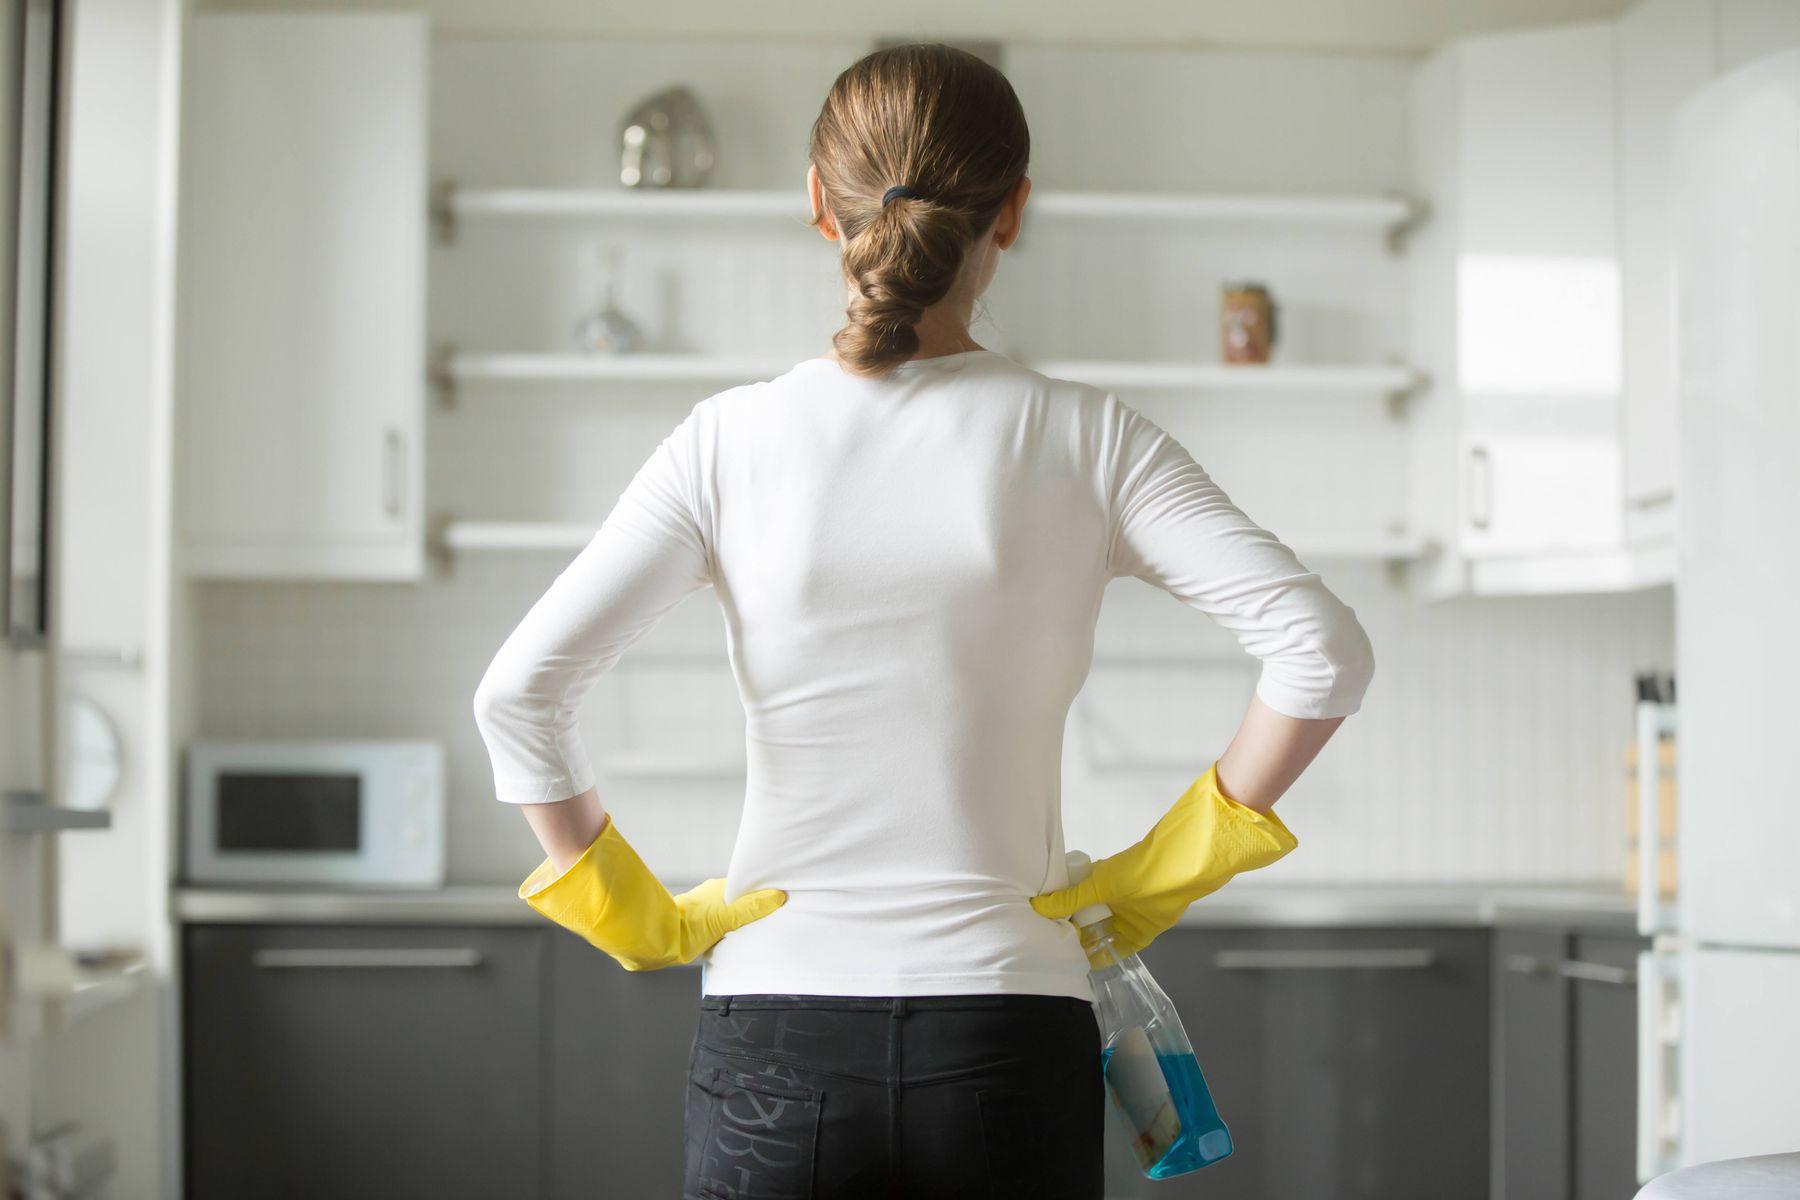 Sai lầm khi rửa chén gây ảnh hưởng đến sức khỏe gia đình bạn